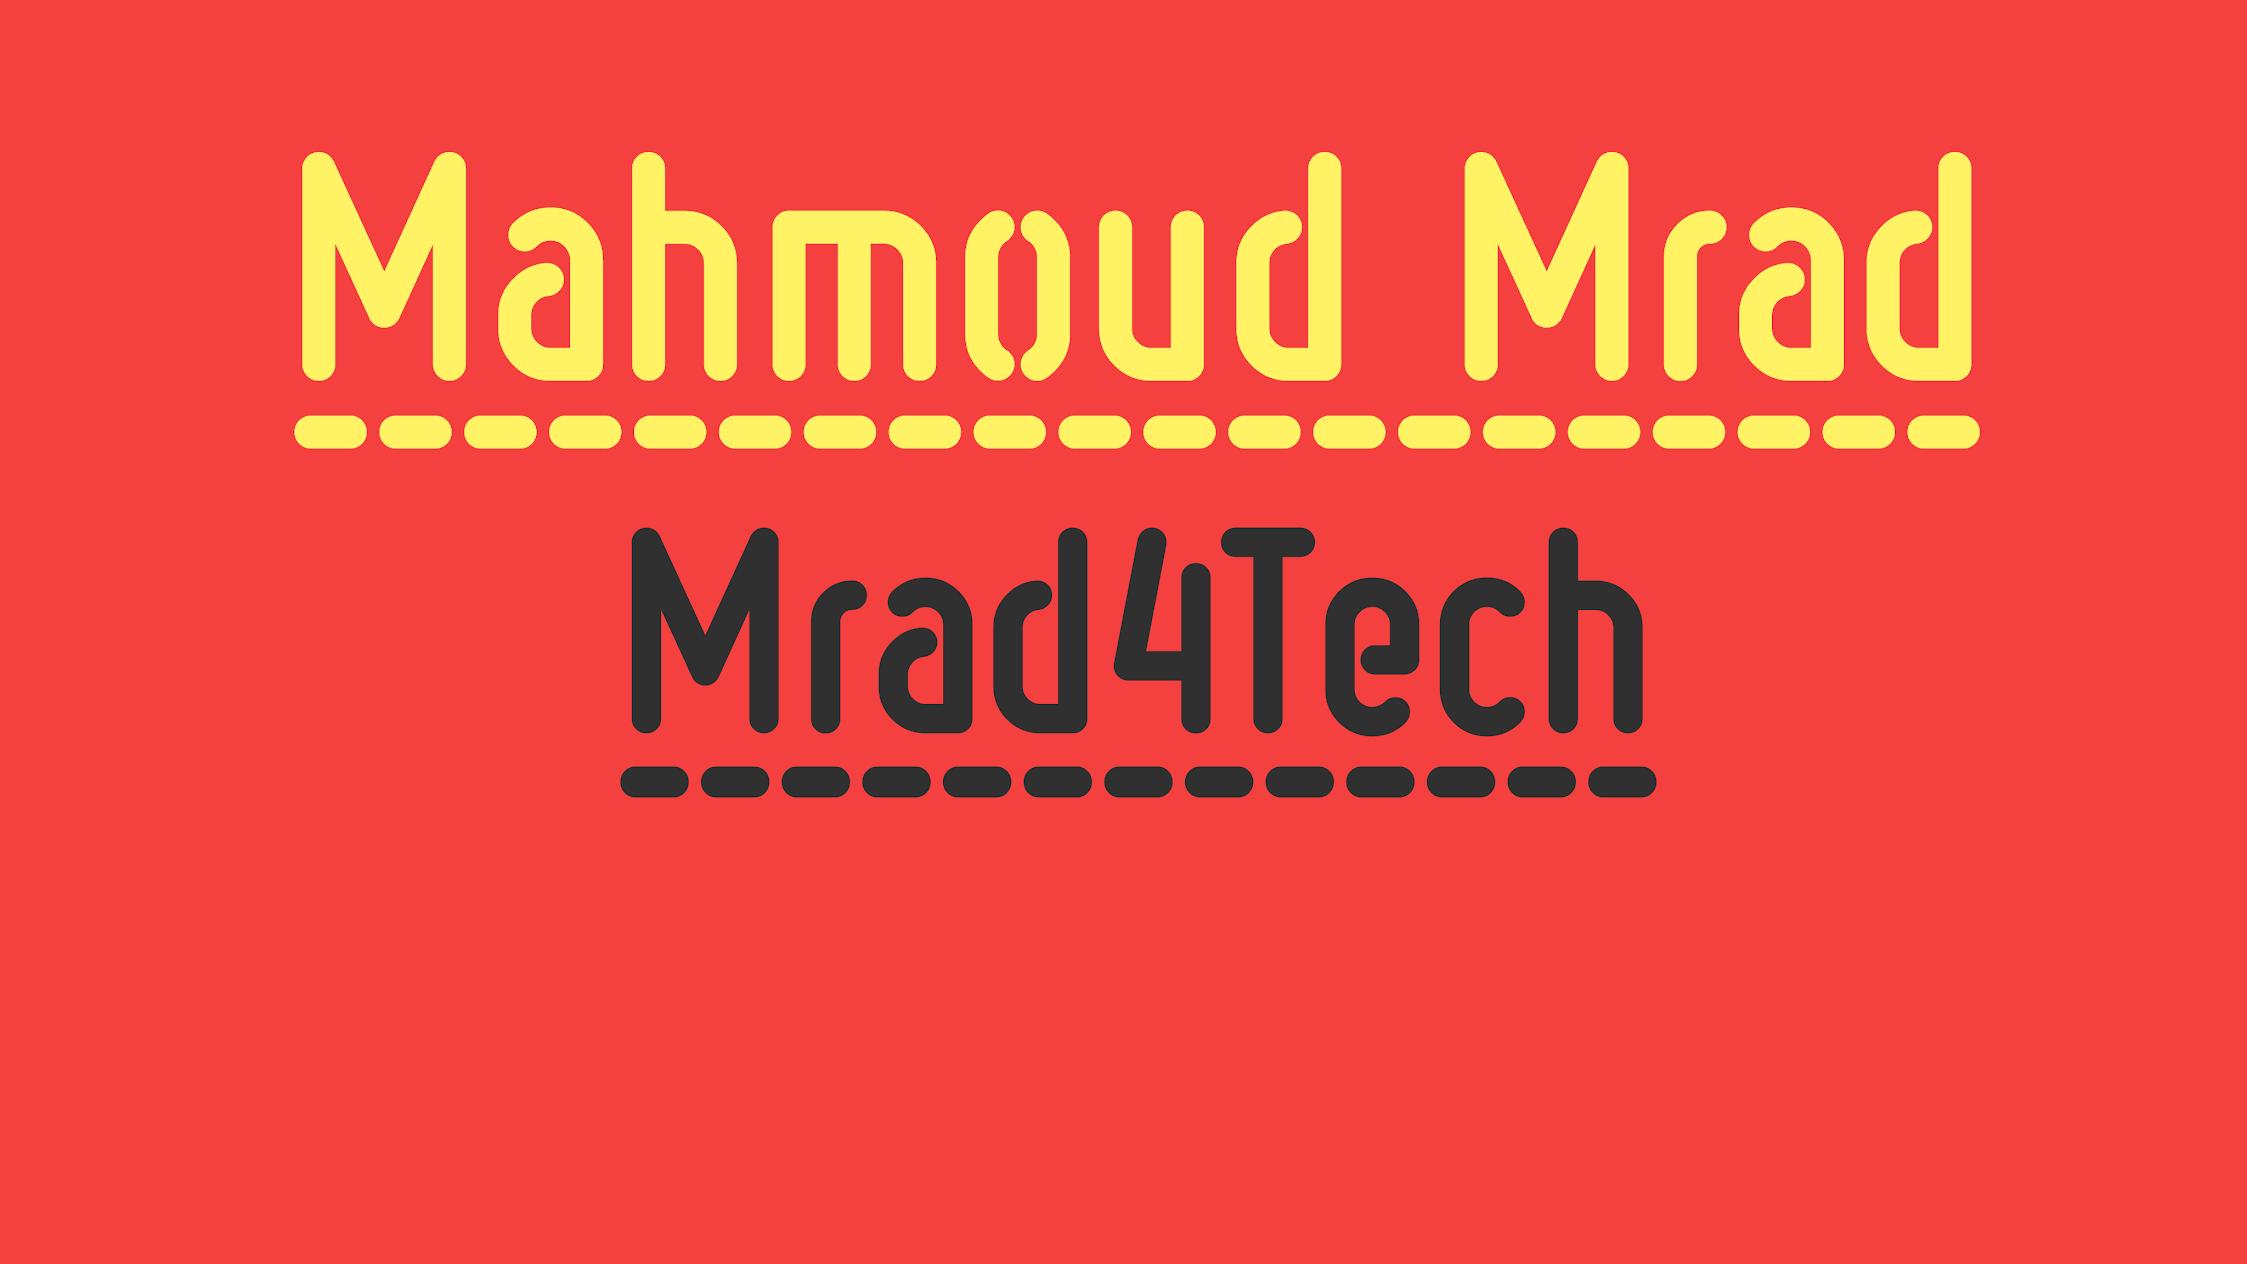 Mrad4Tech   Mahmoud Mrad